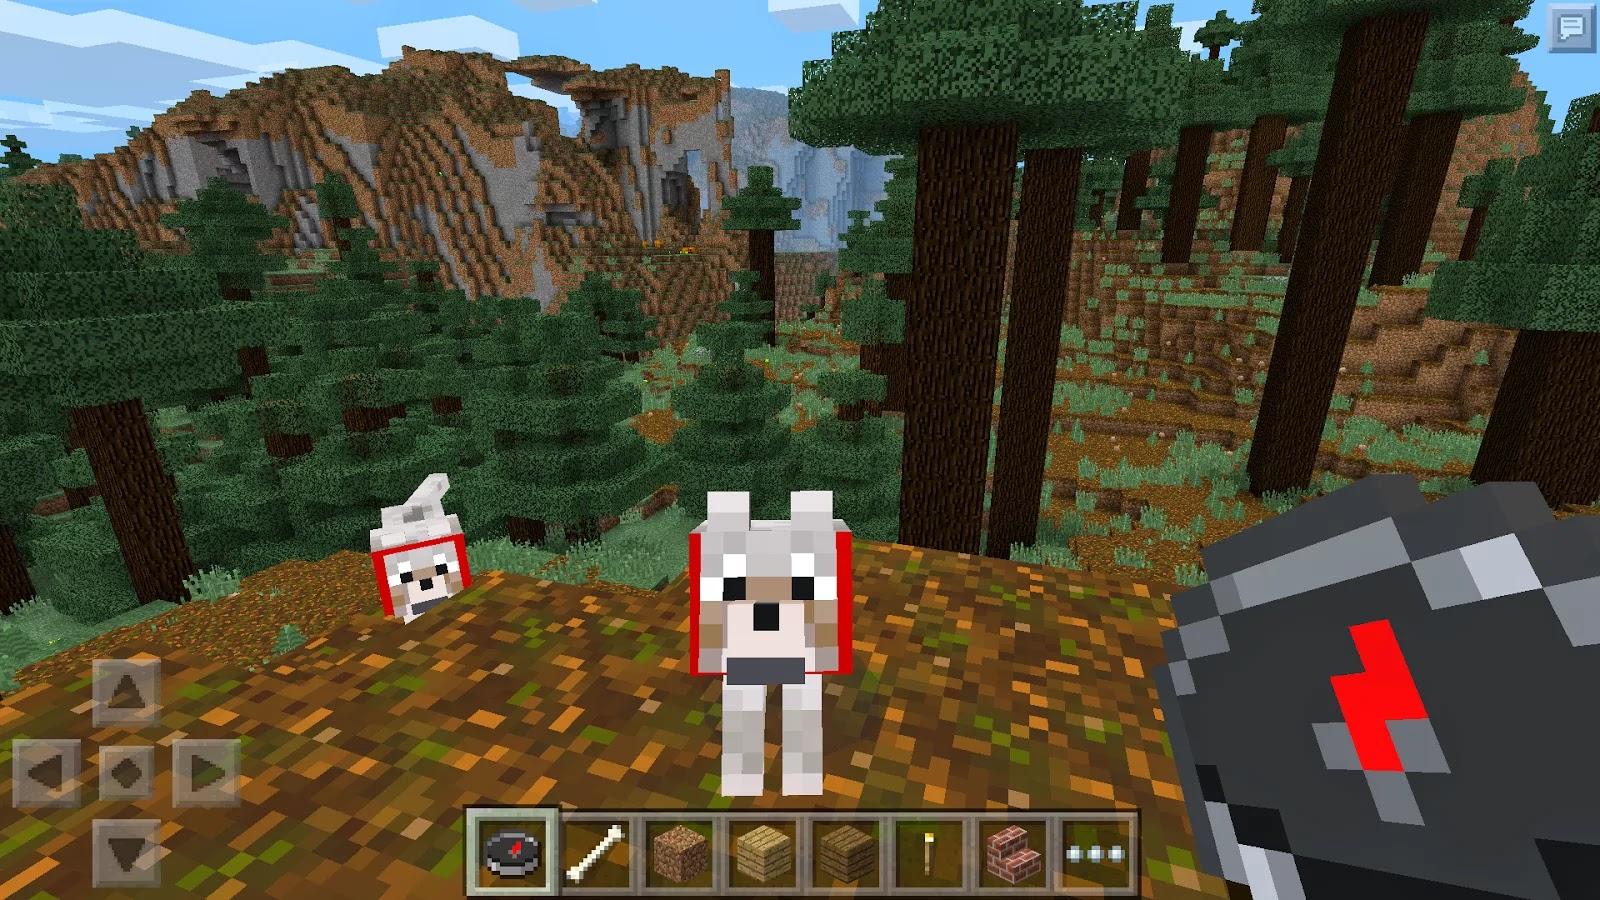 Minecraft - Pocket Edition v0.10.1